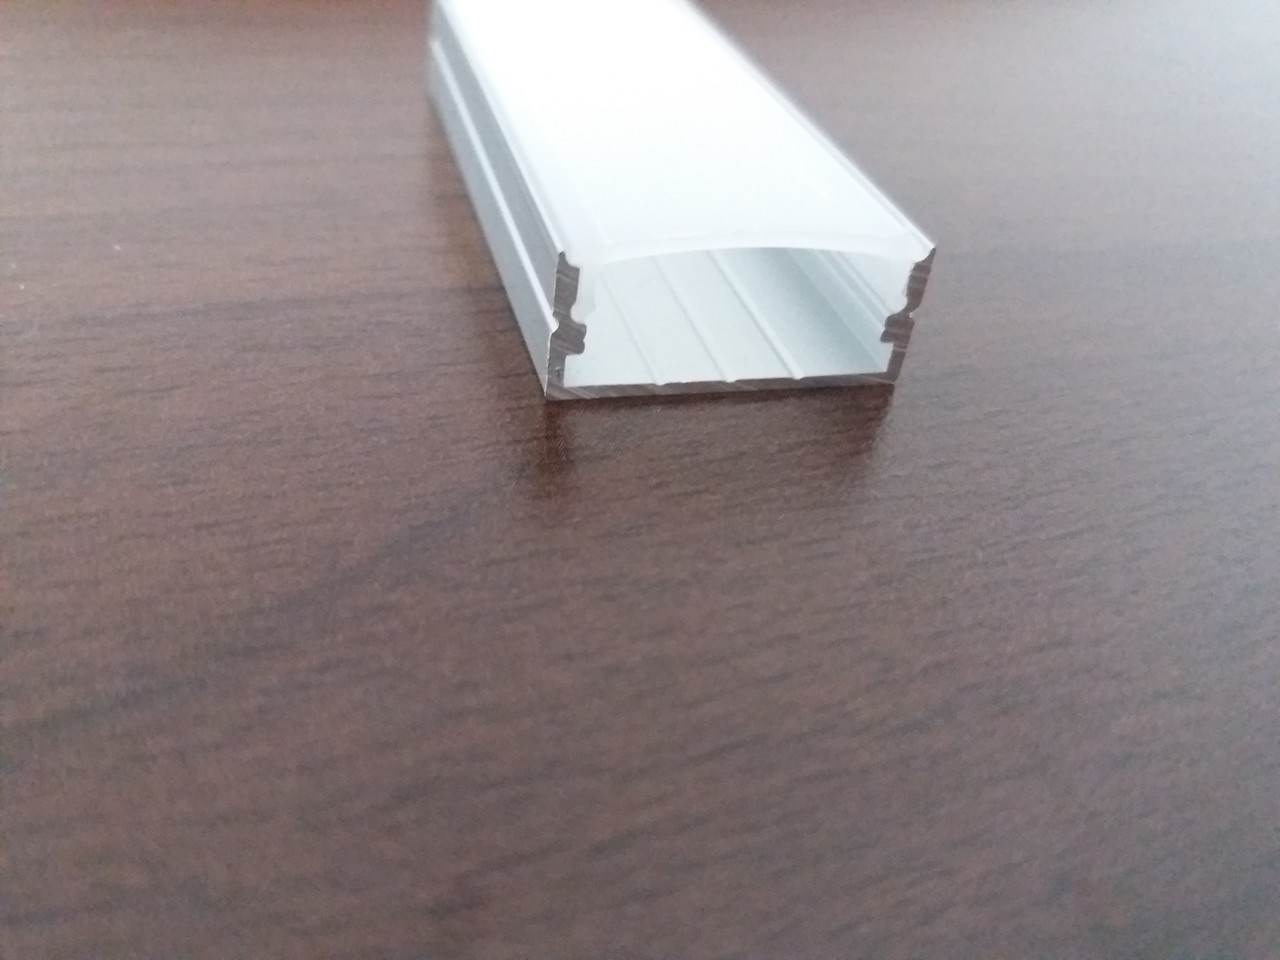 Алюминиевый накладной широкий led-профиль ЛП-10/24мм + линза в комплекте матовая